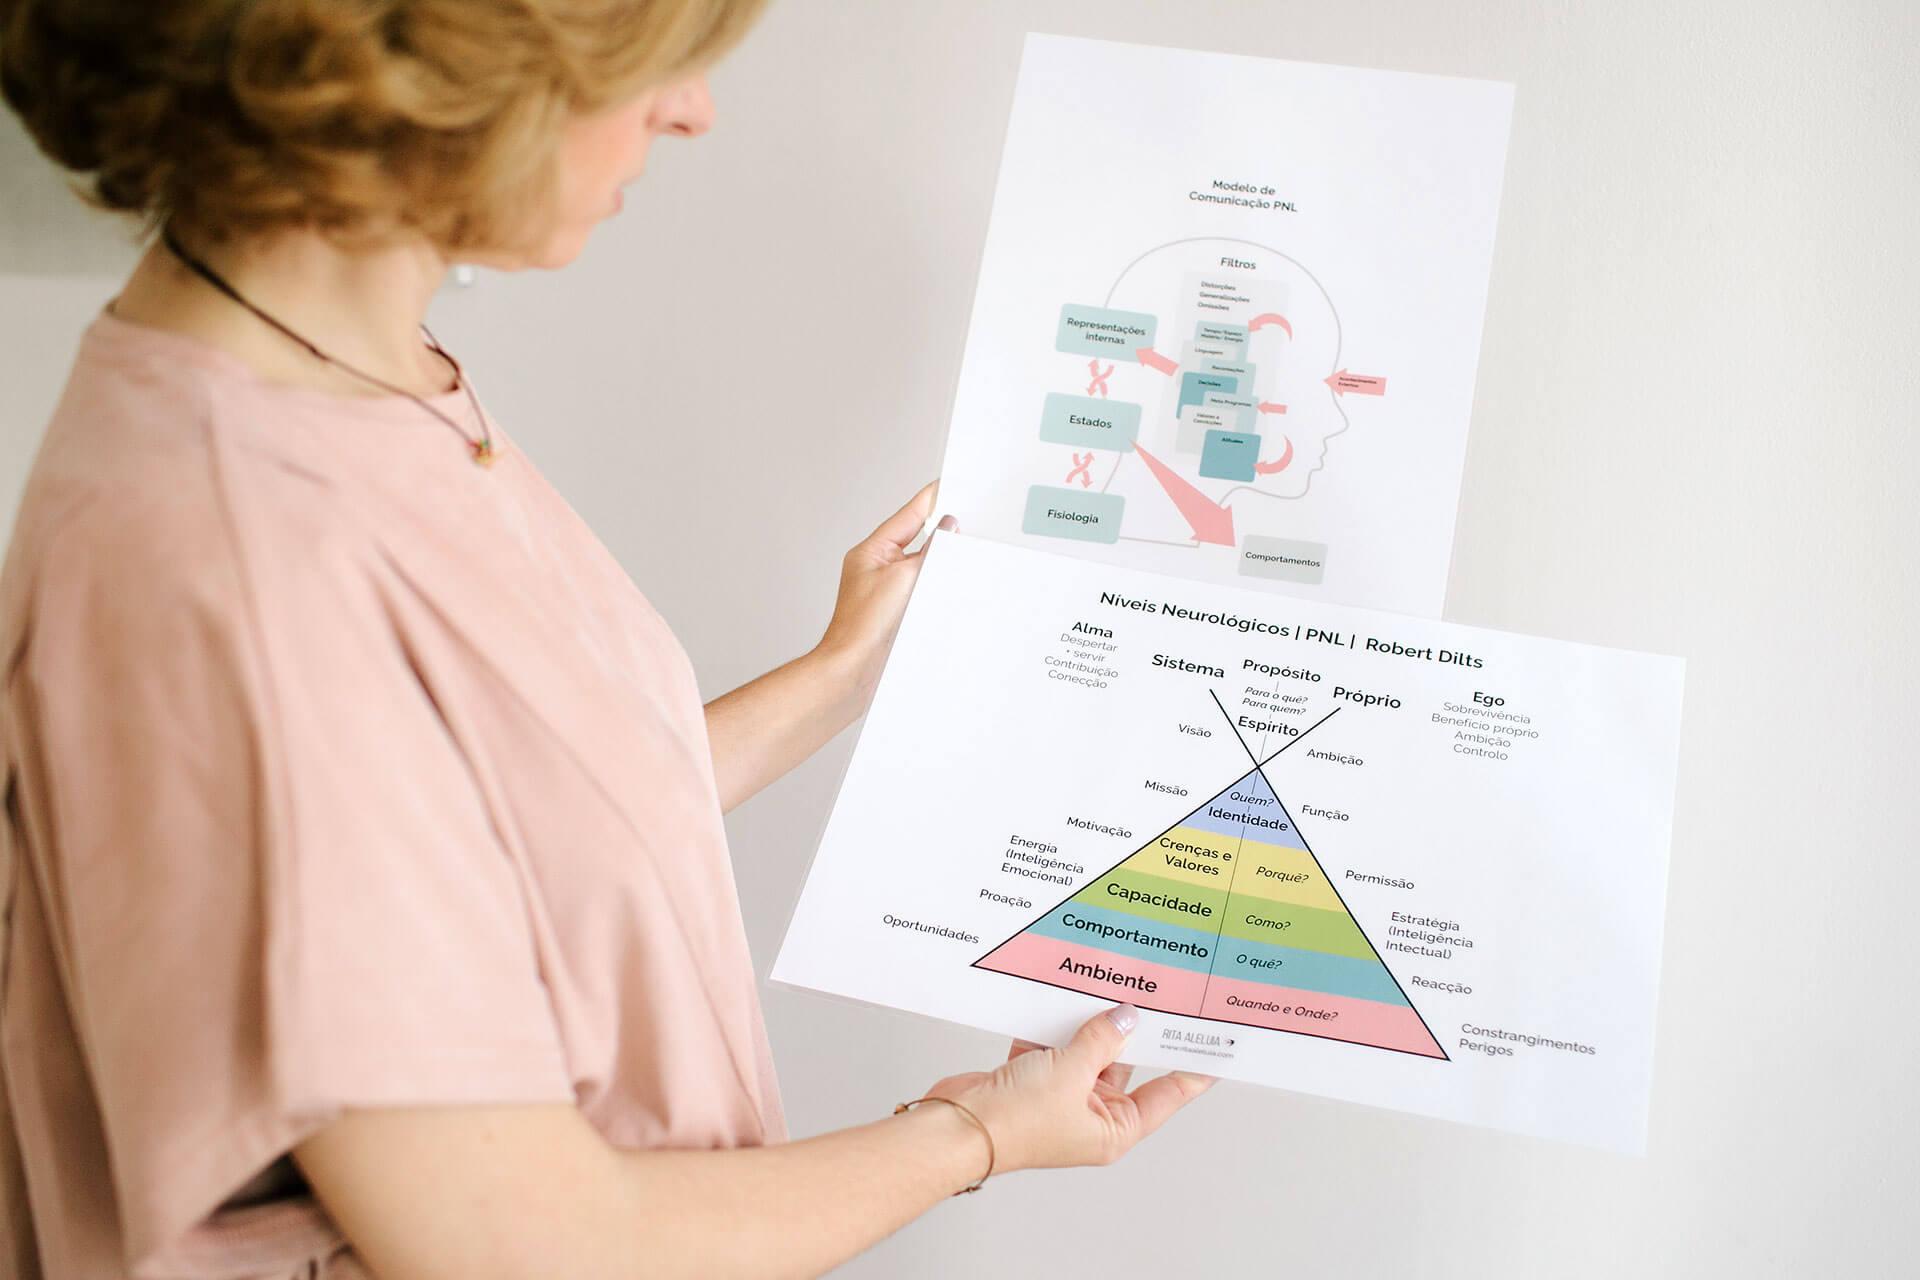 Rita Aleluia com gráficos sobre niveis neurológicos em PNL